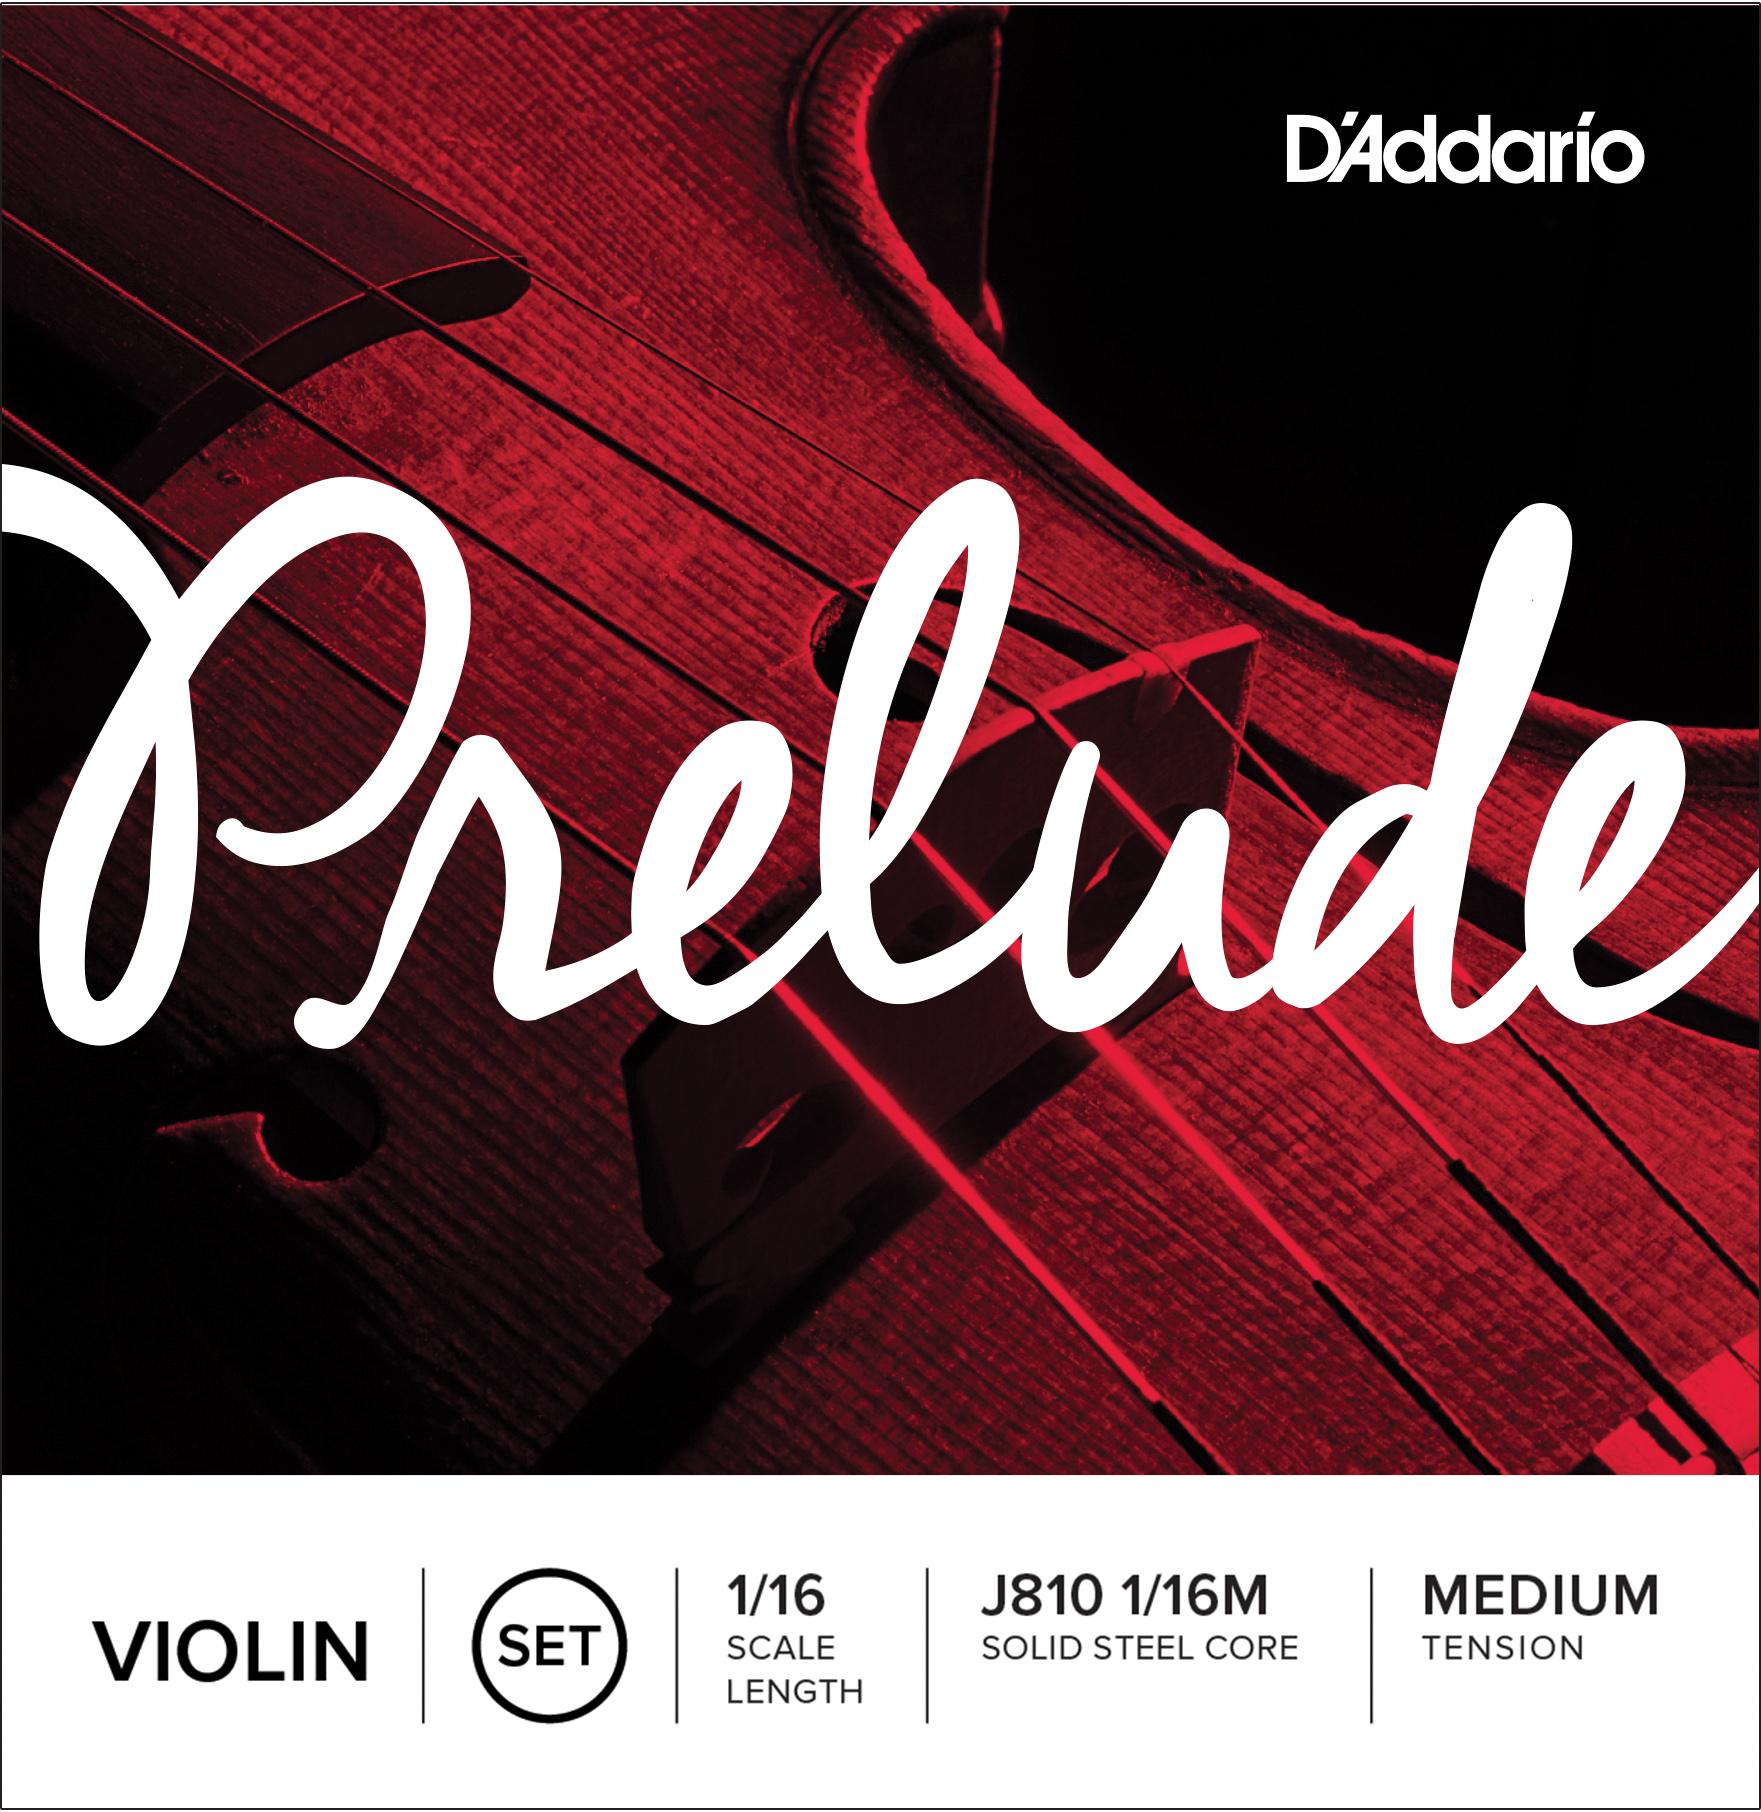 D'Addario Prelude Violin String Set 1/16 Scale Medium Tension